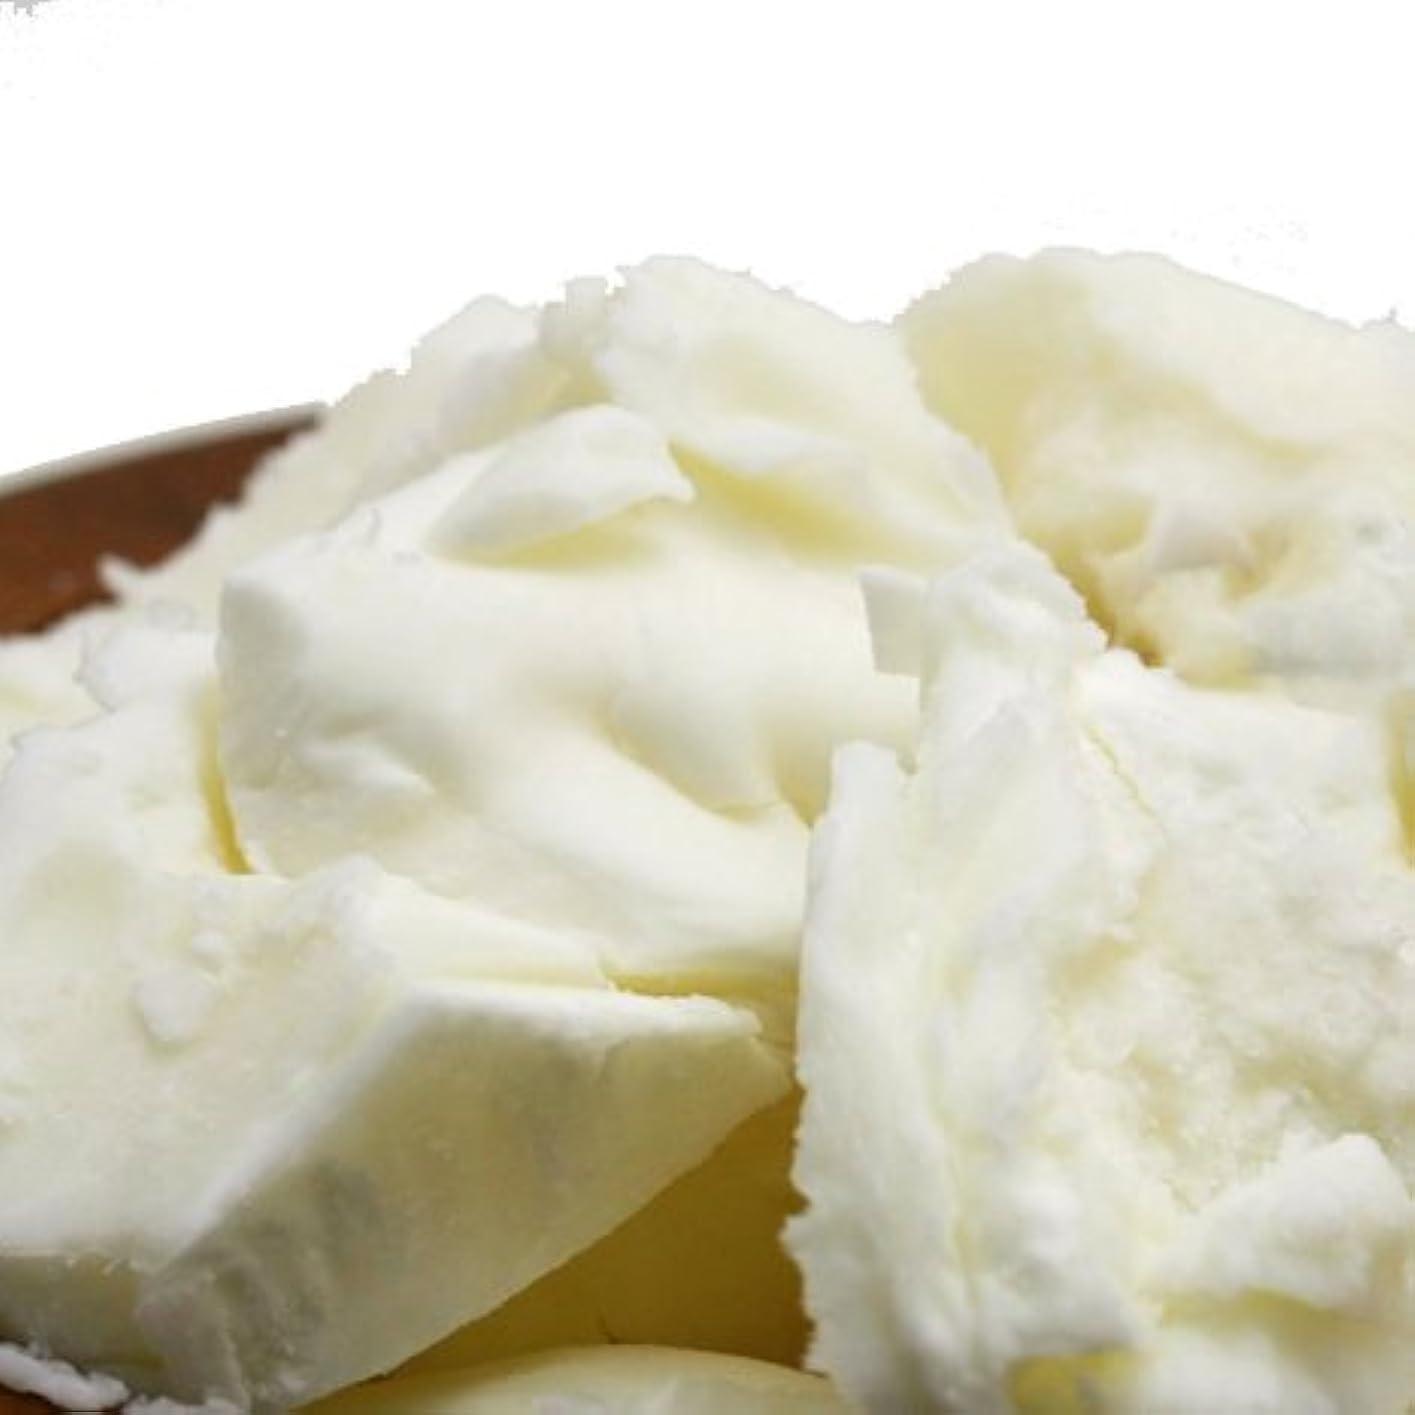 毒液どうしたの地震精製シアバター 500g シア脂 【手作り石鹸/手作りコスメ/手作り化粧品】